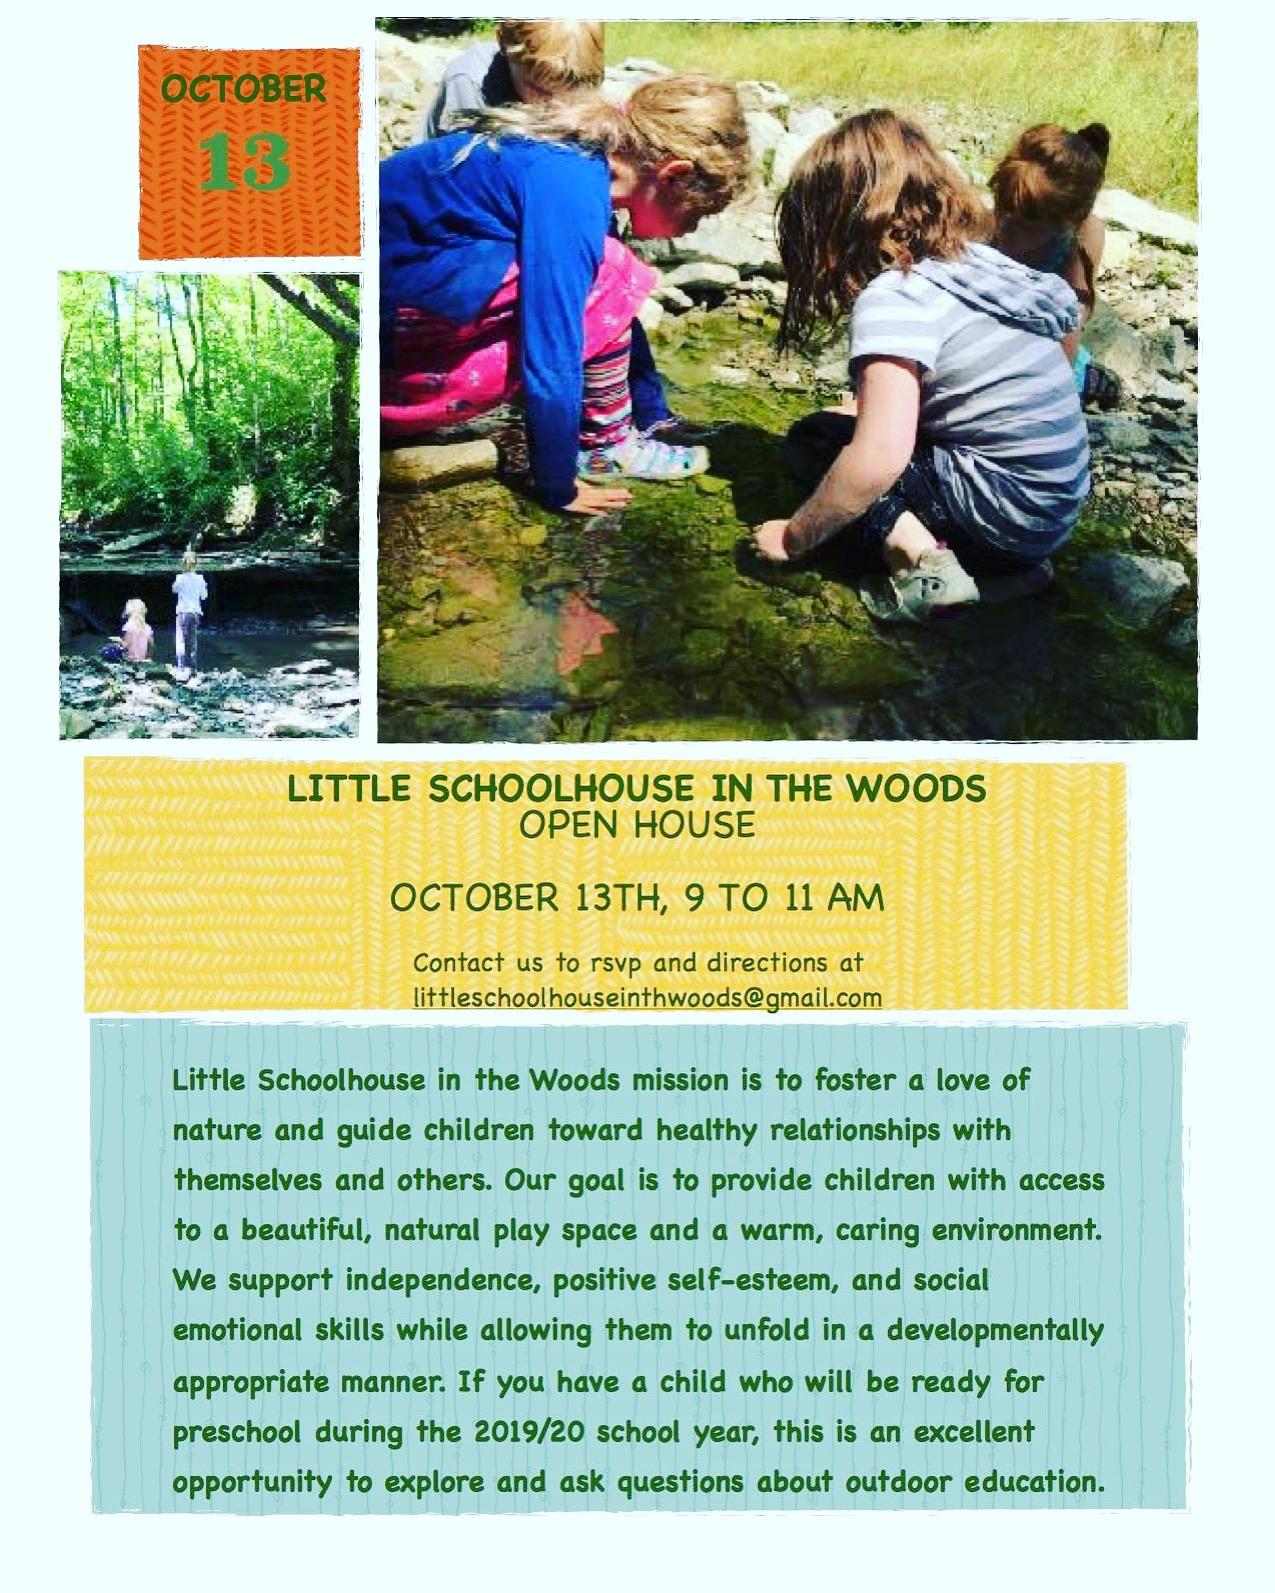 RSVP at littleschoolhouseinthewoods@gmail.com